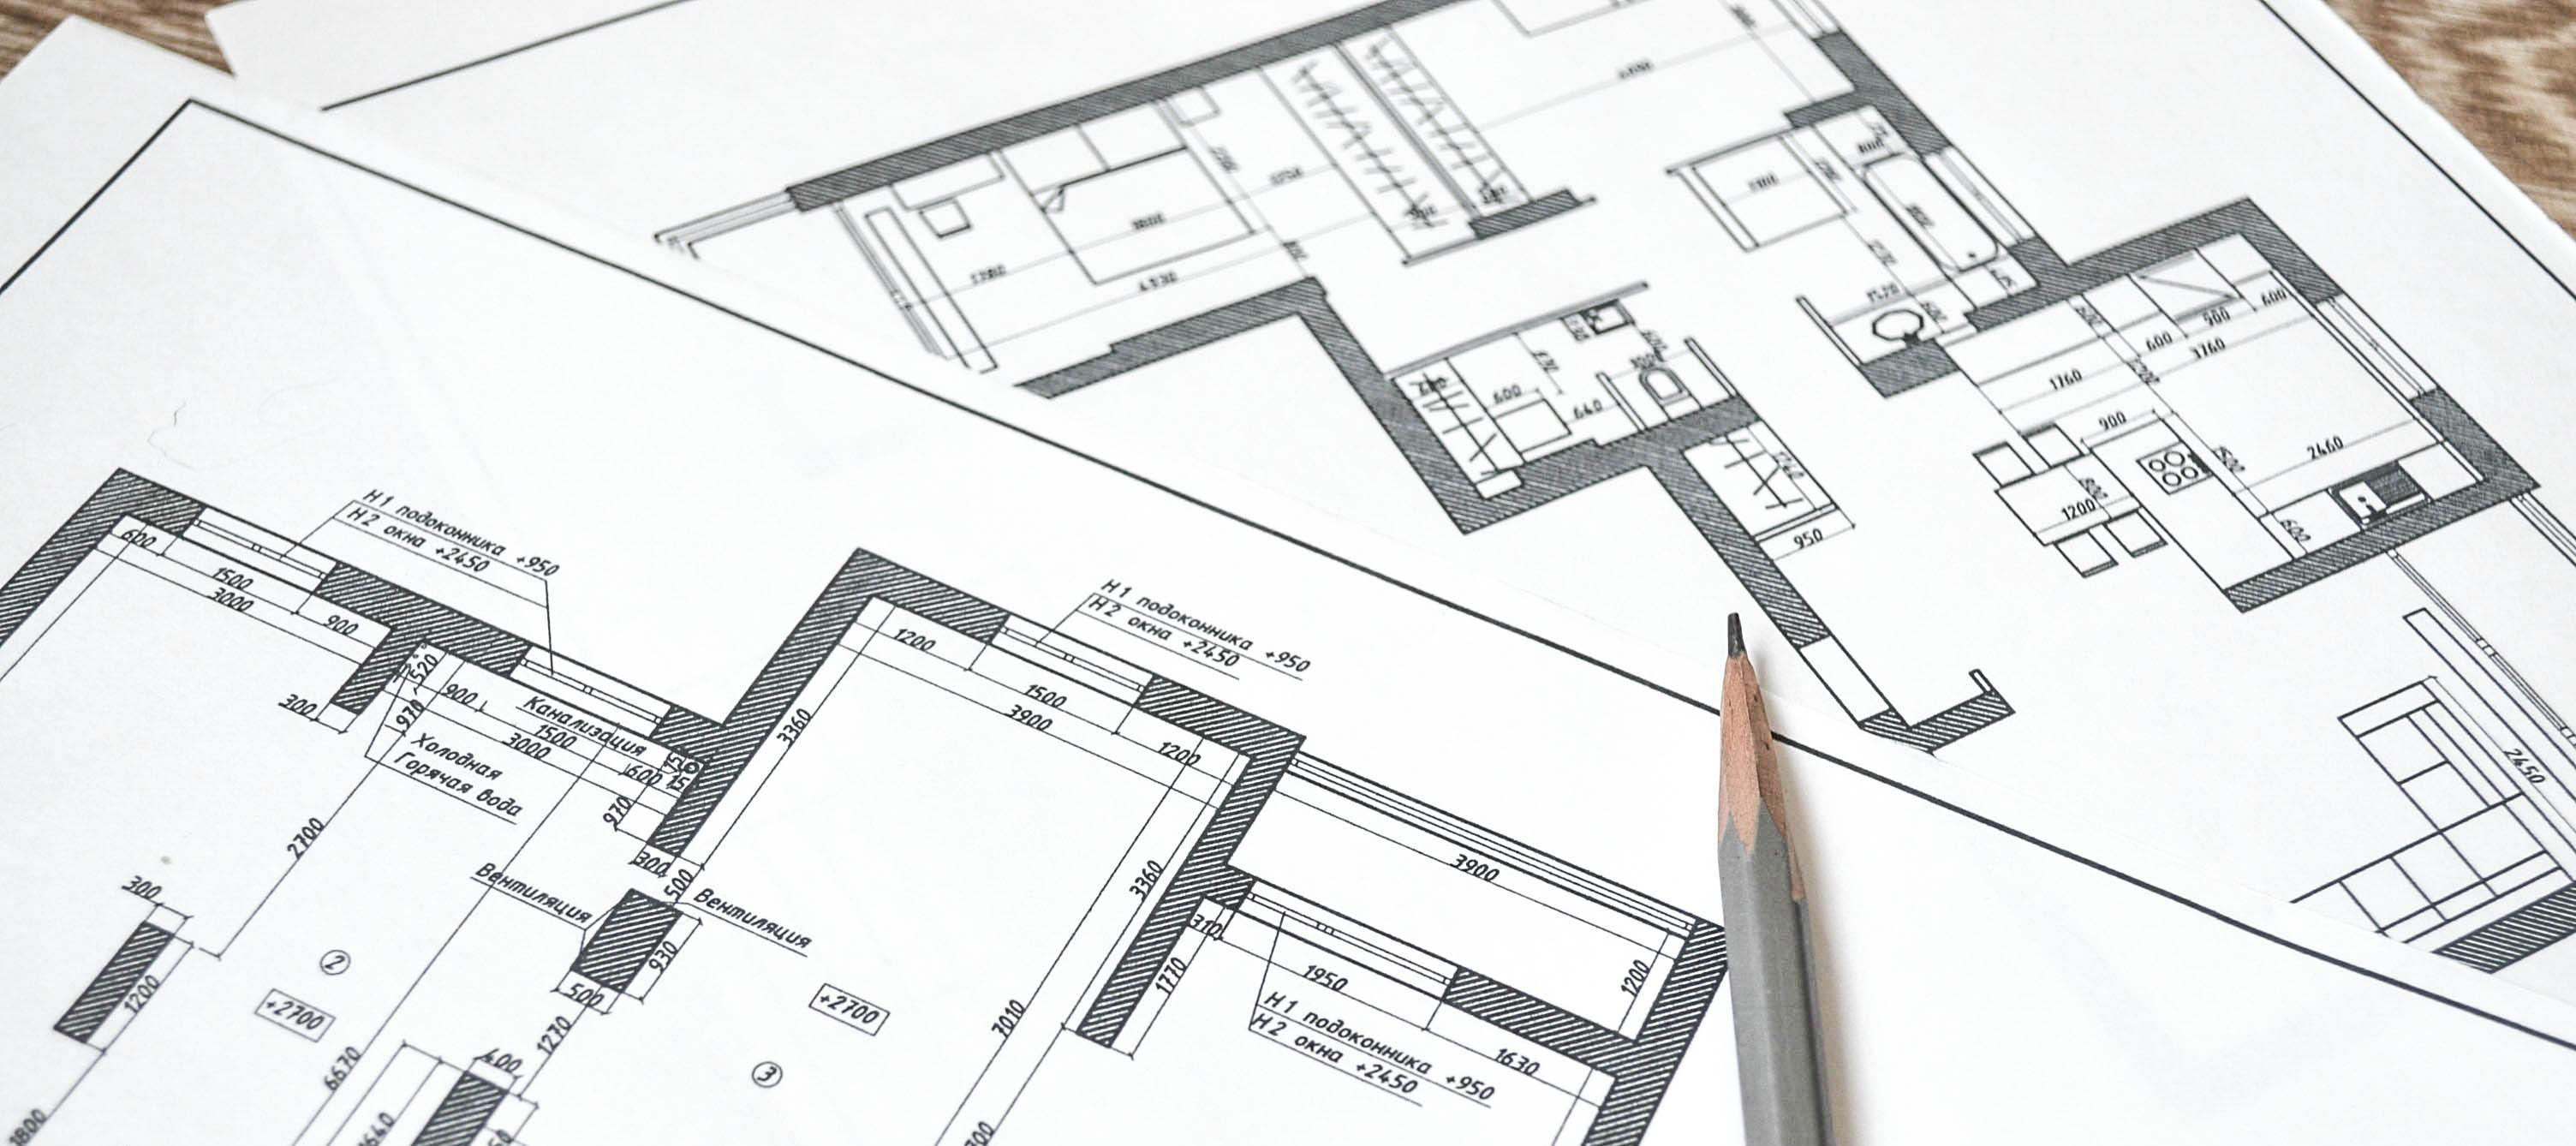 Документы для перепланировки квартиры - заявление